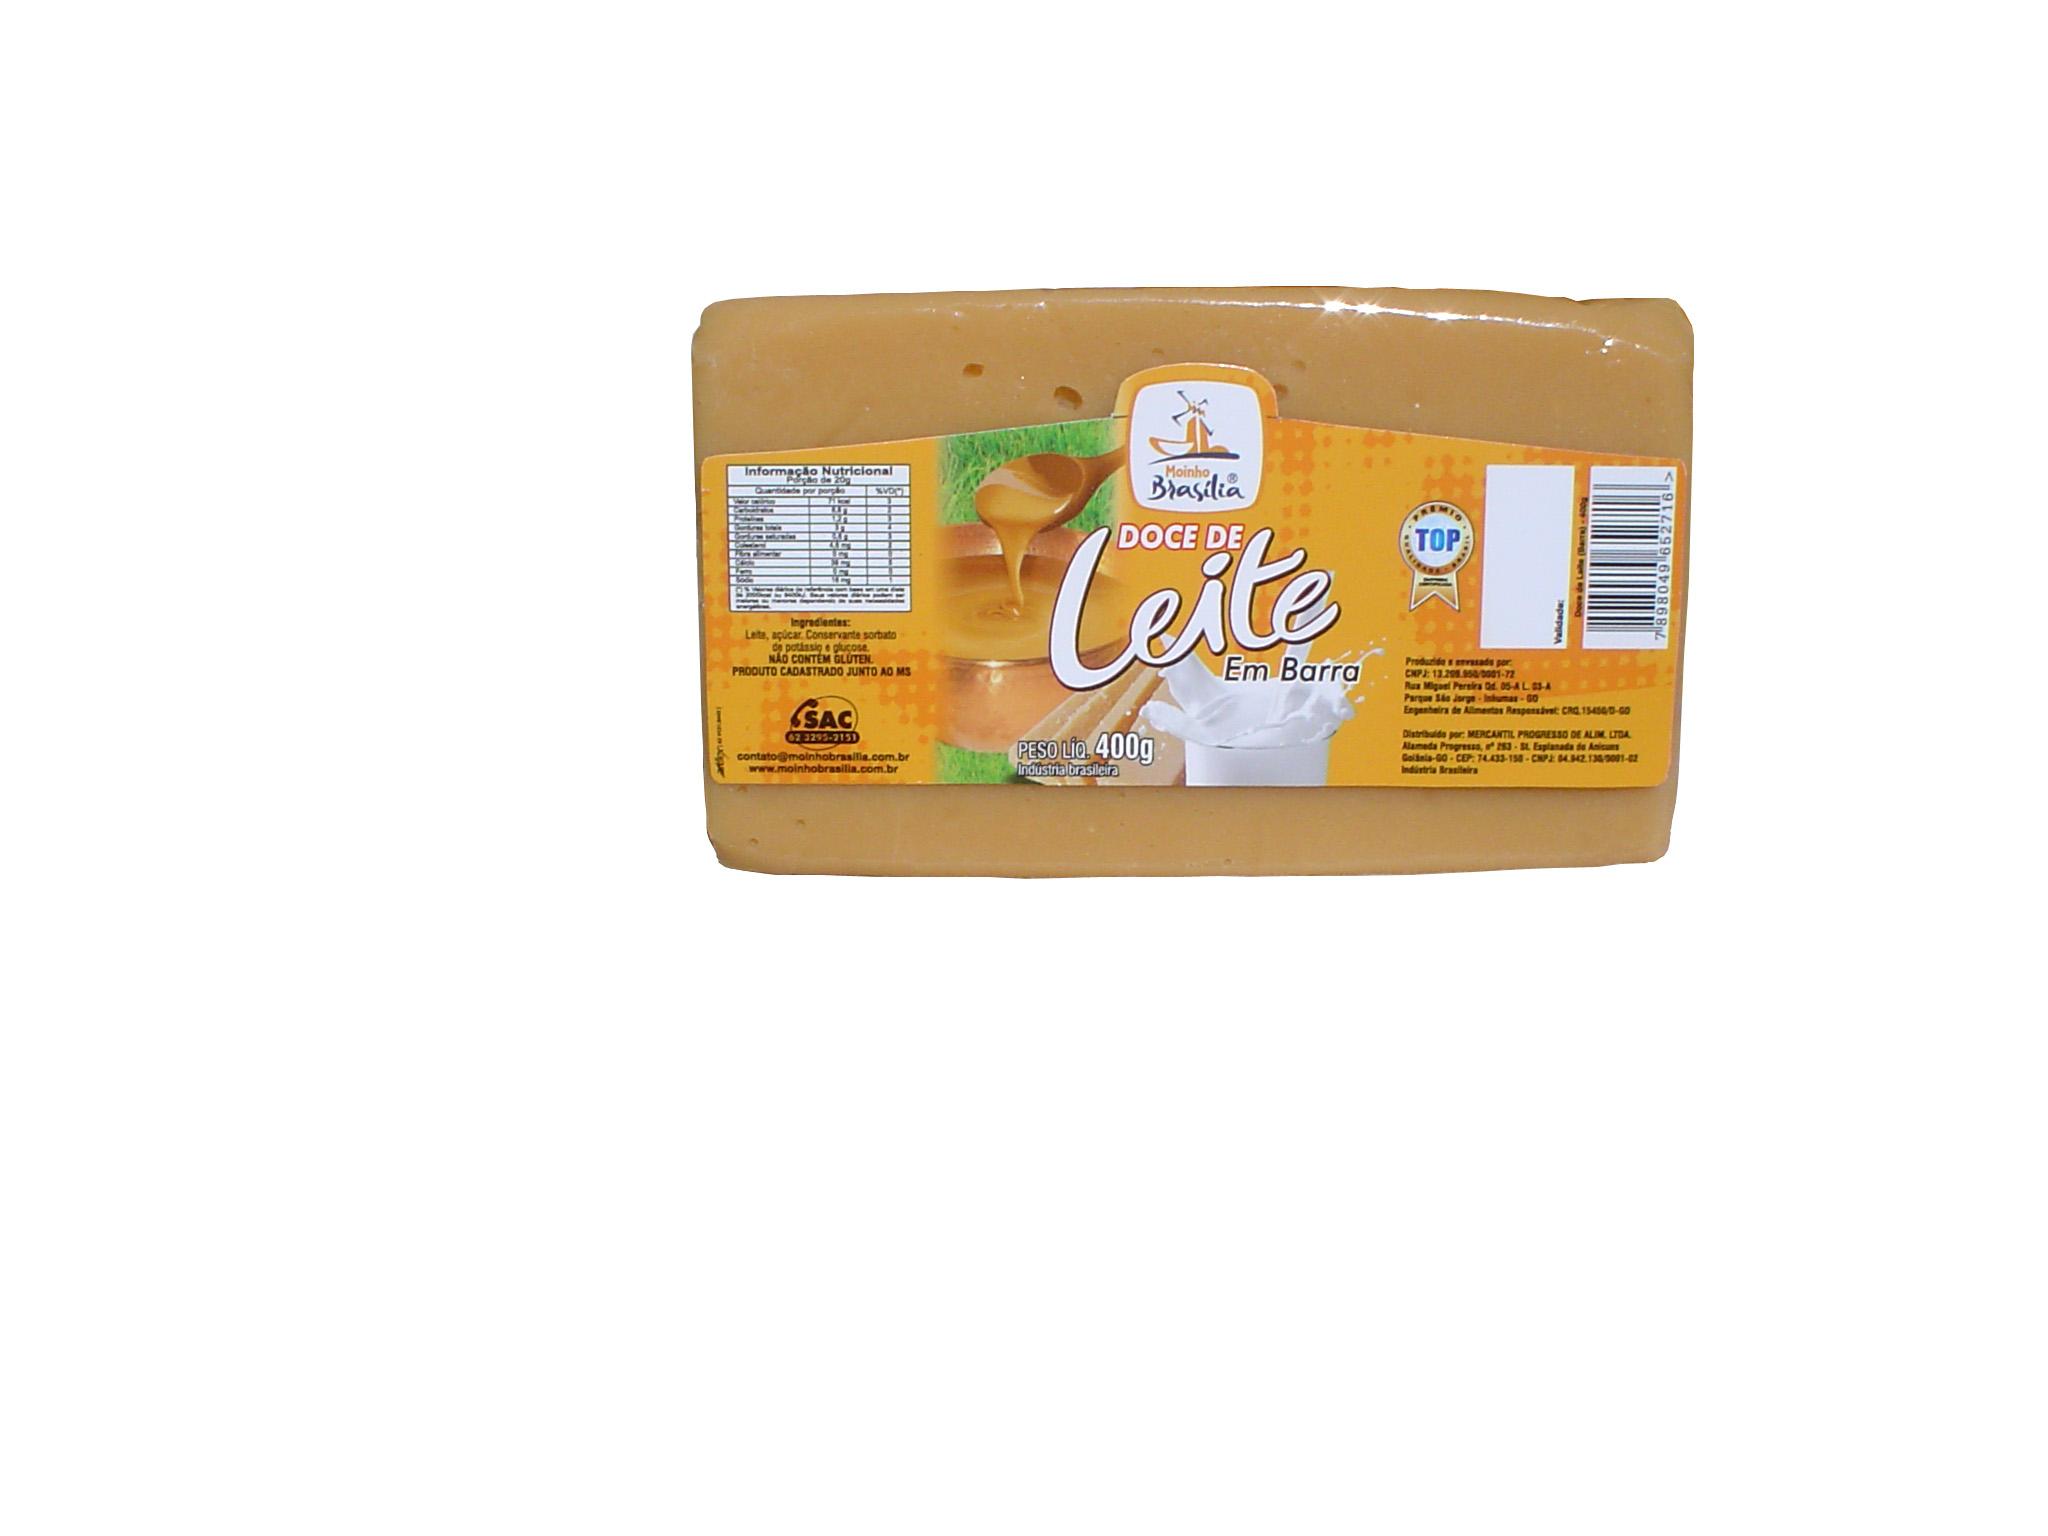 Cod.432-Doce de leite tradicional em  barra 400g